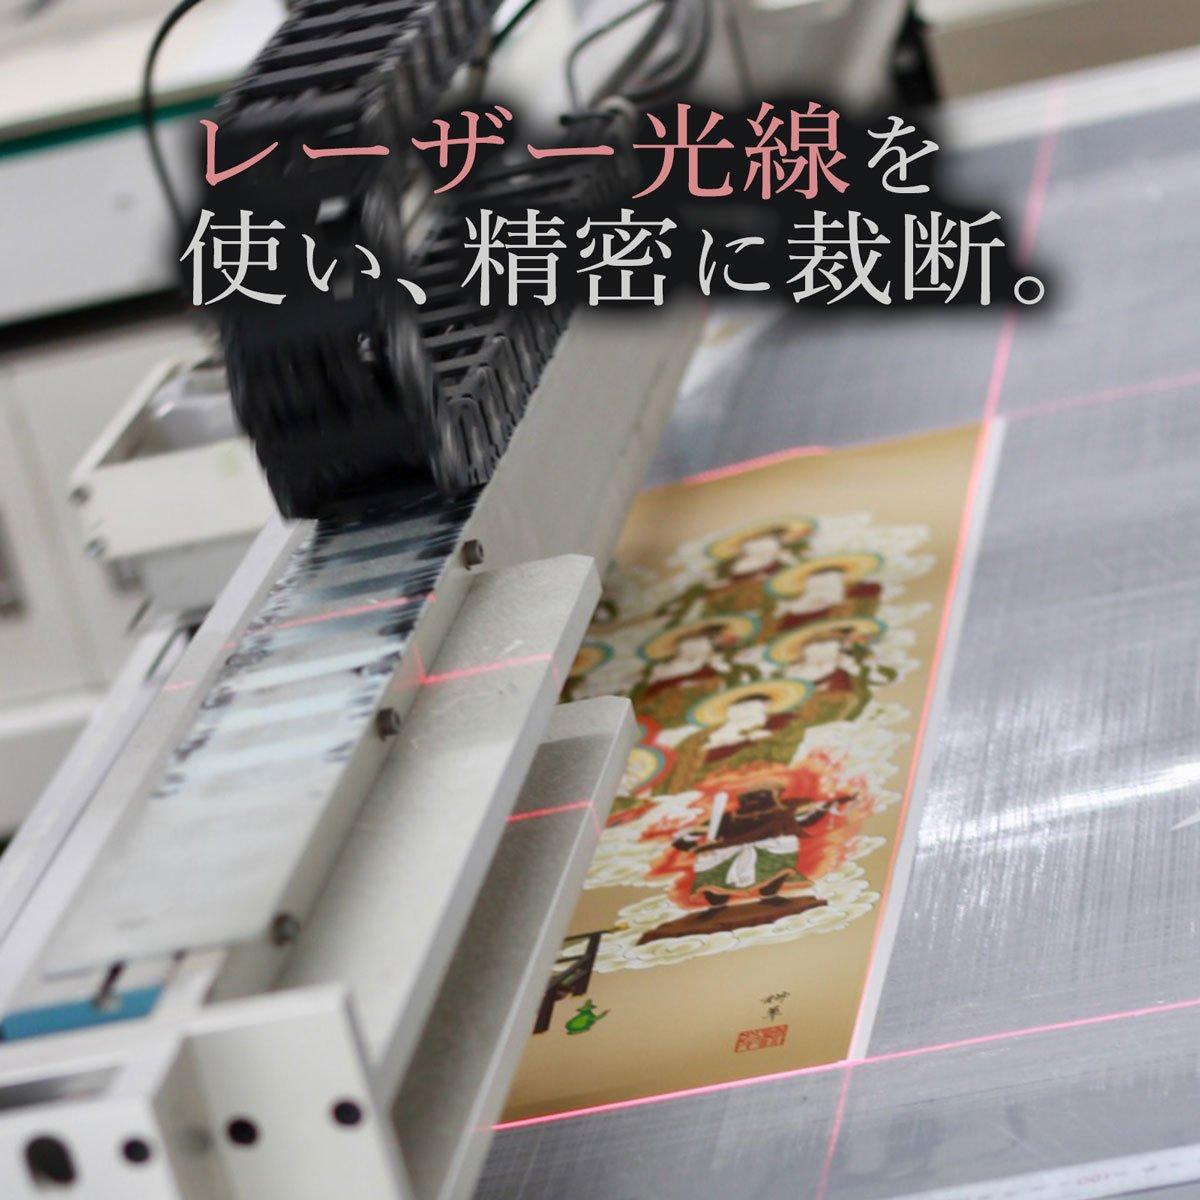 日本画 仏画 聖観音(しょうかんのん) 鈴木 翠朋 手彩仕上 高精細巧芸画 Mサイズ